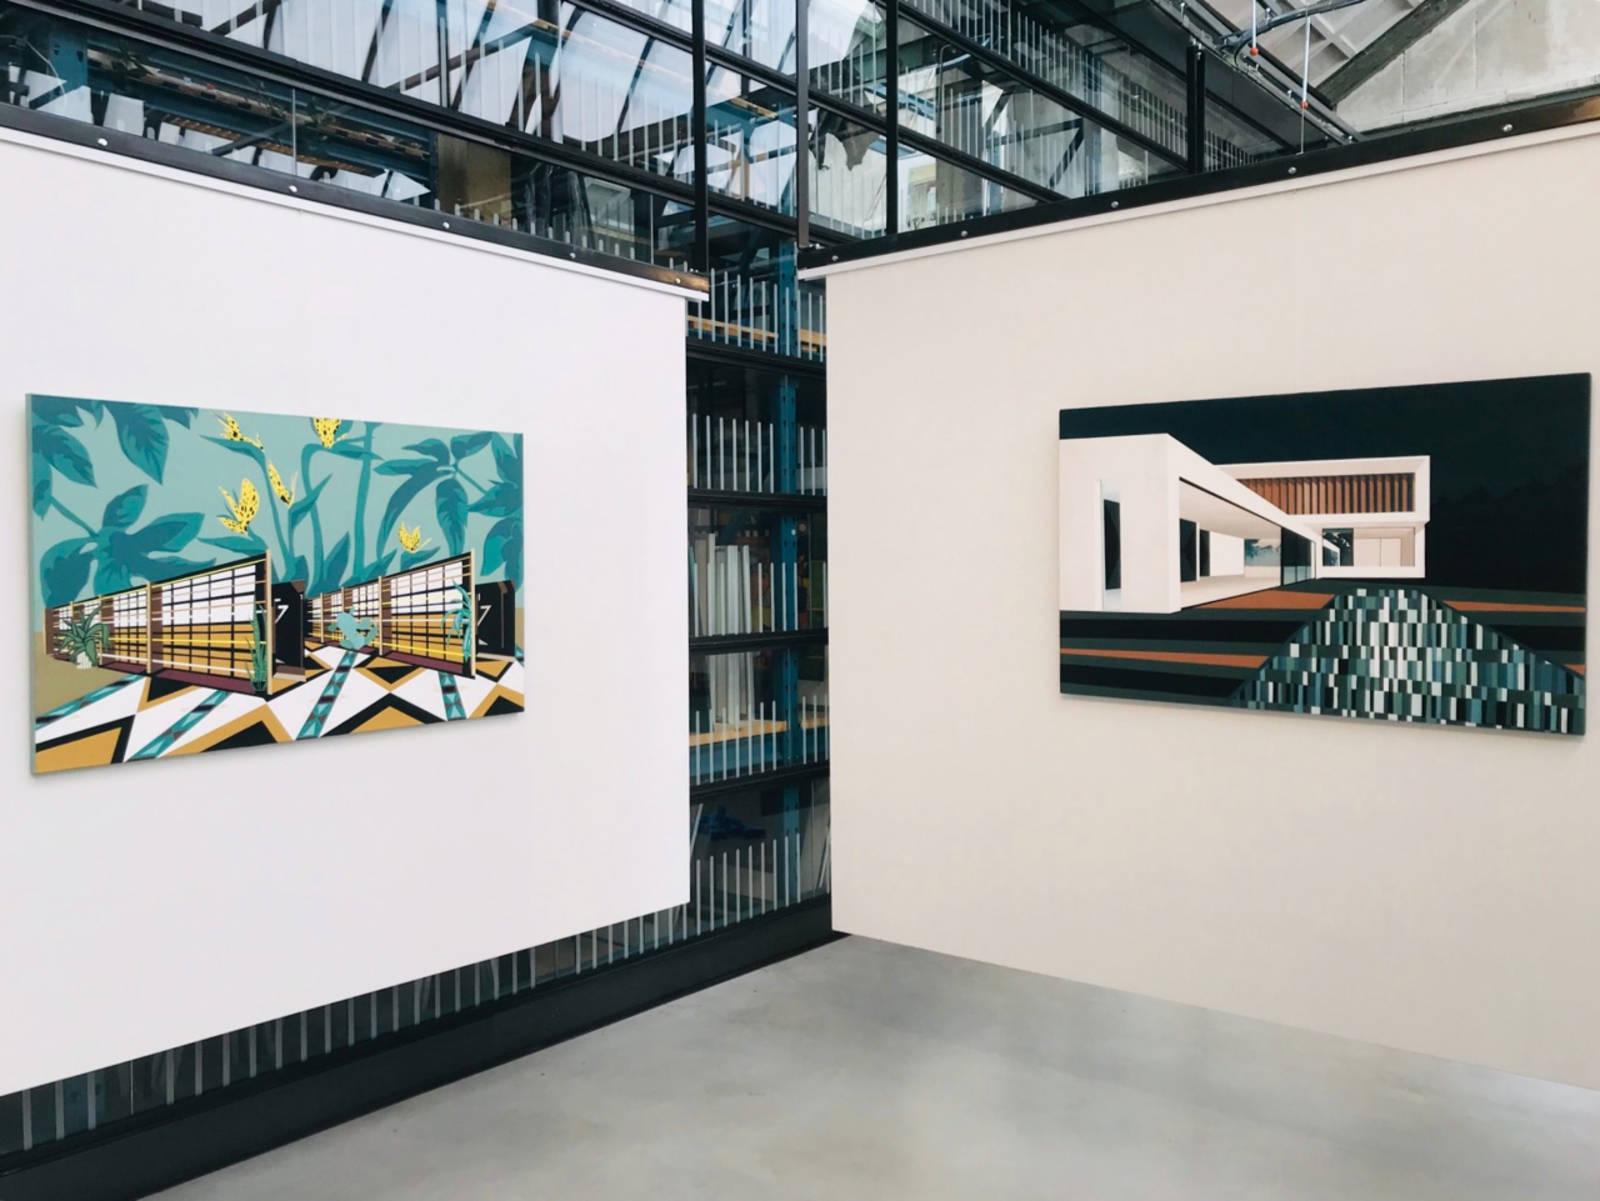 Exhibition at Art Zaanstad: Be Smart, Rent Art